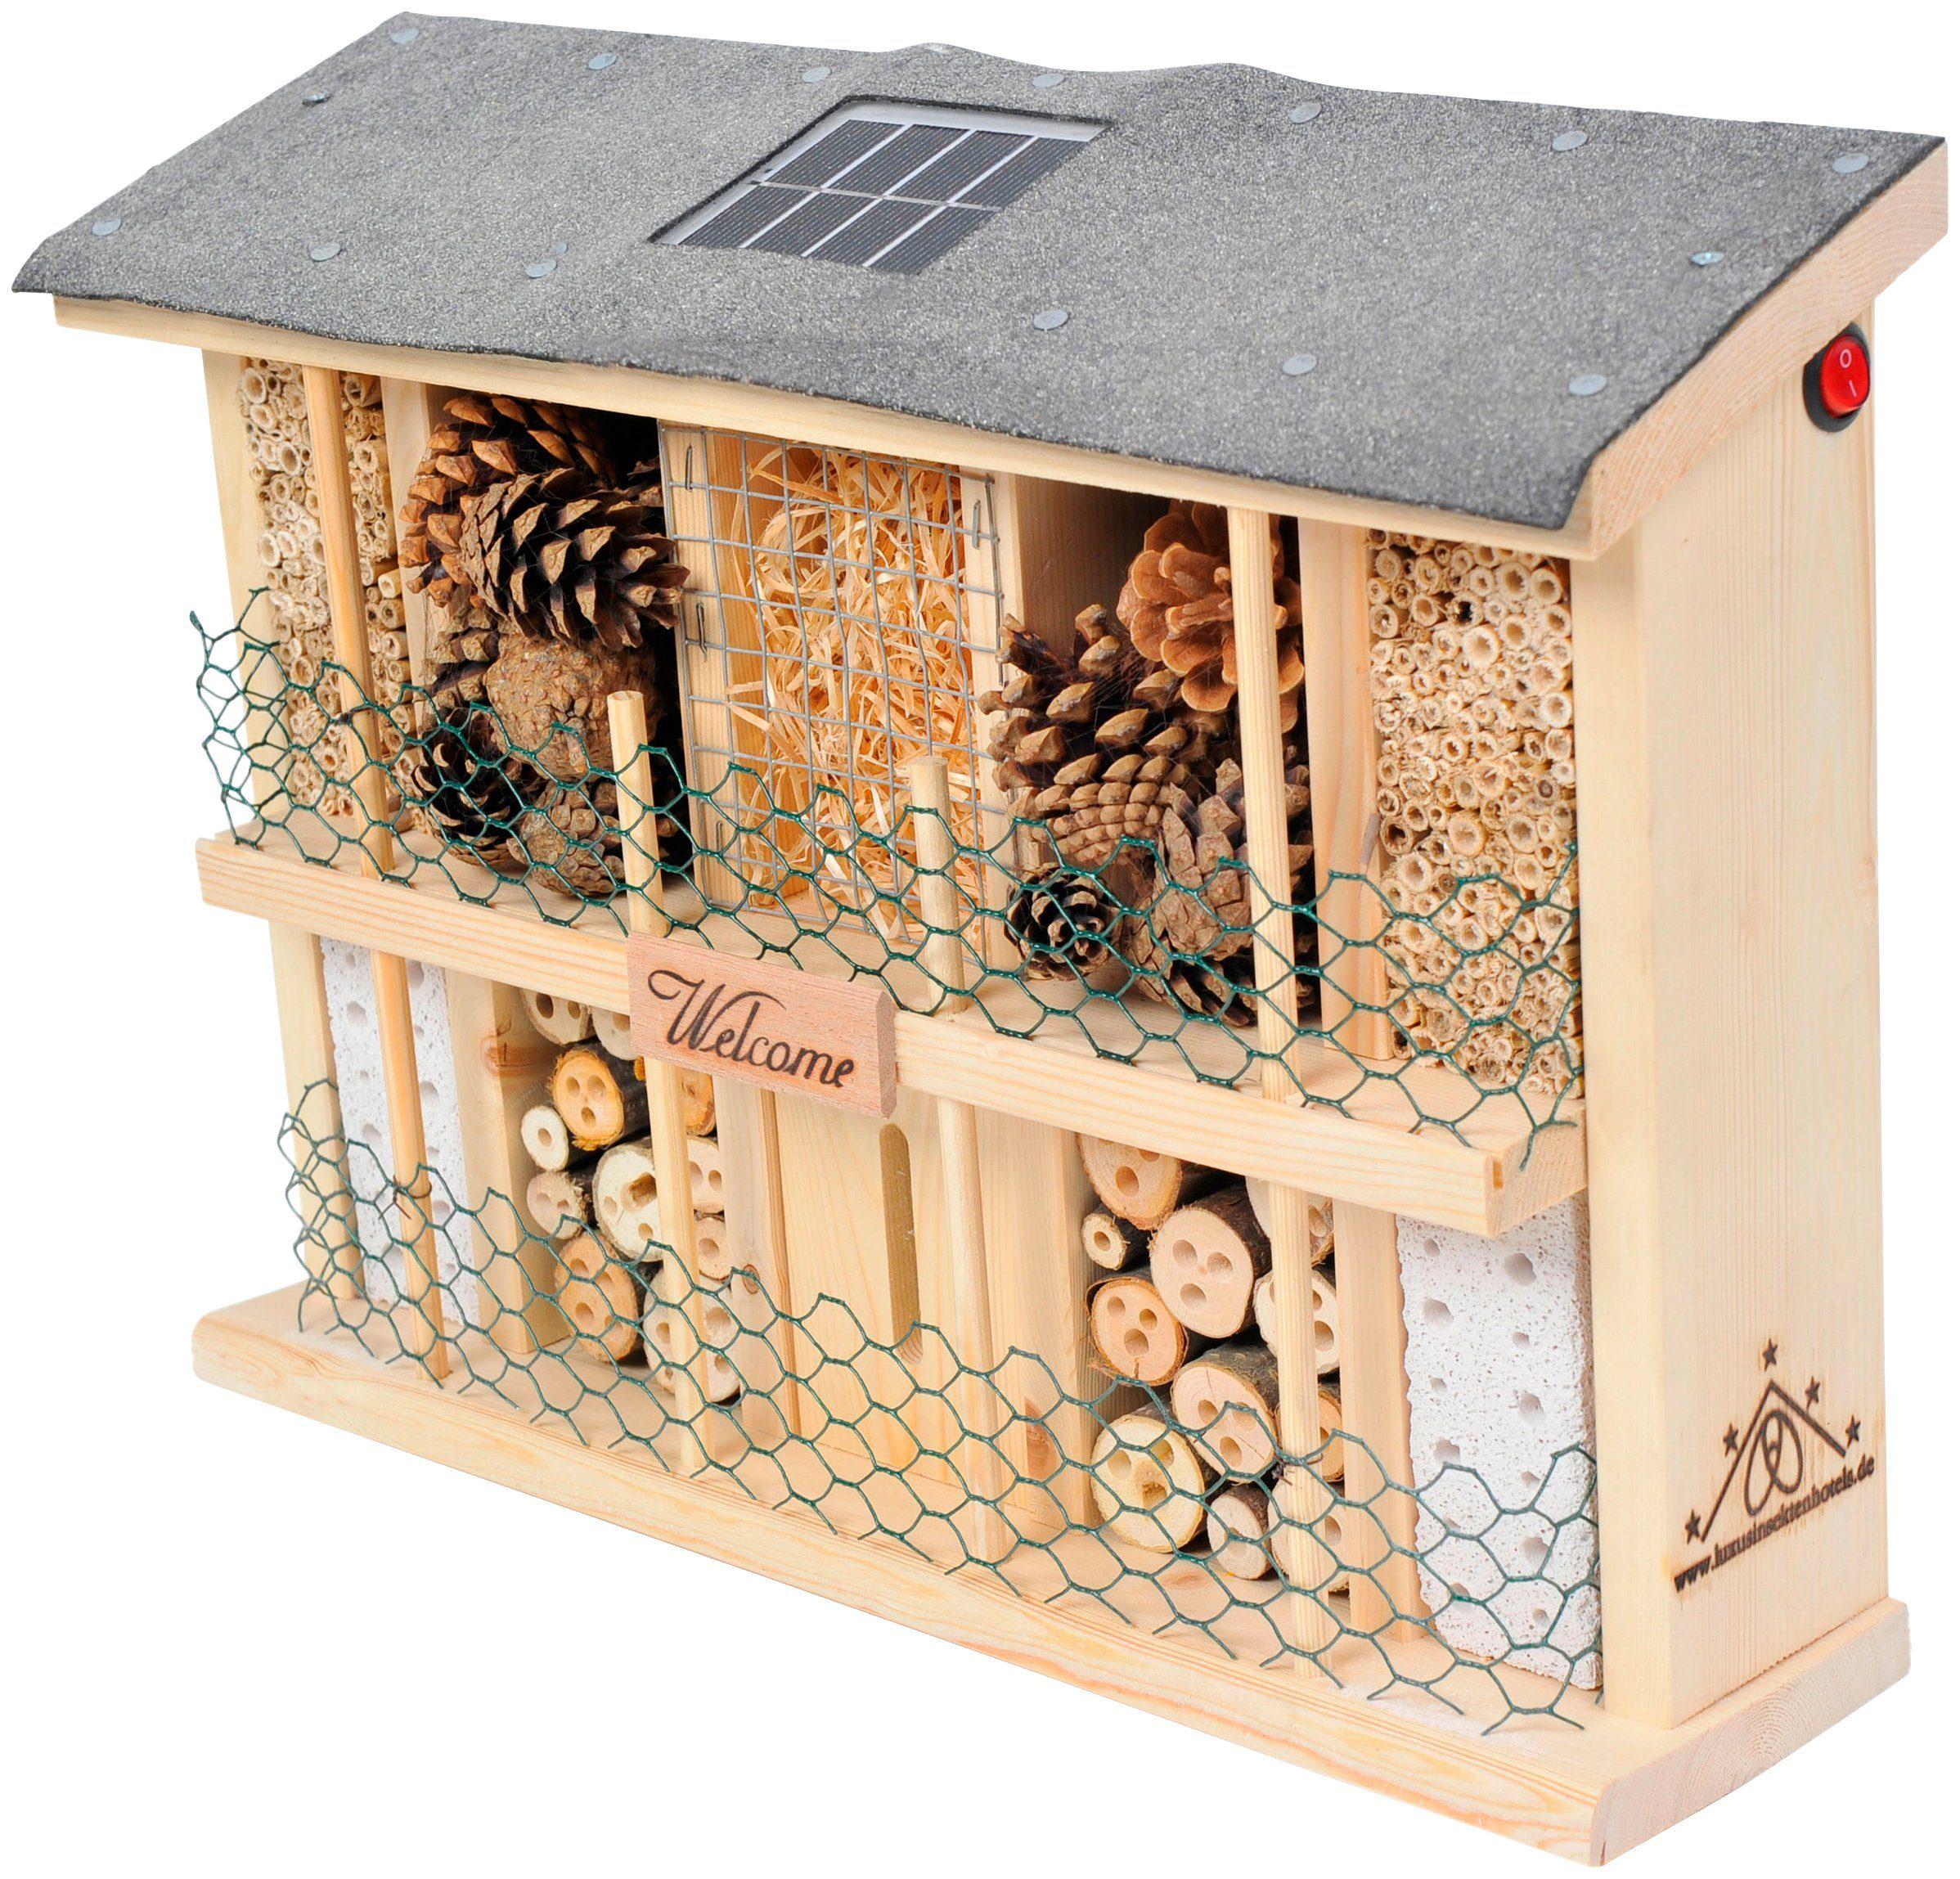 LUXUSINSEKTENHOTELS Insektenhotel »Landsonne«, BxTxH: 47x12,5x34 cm